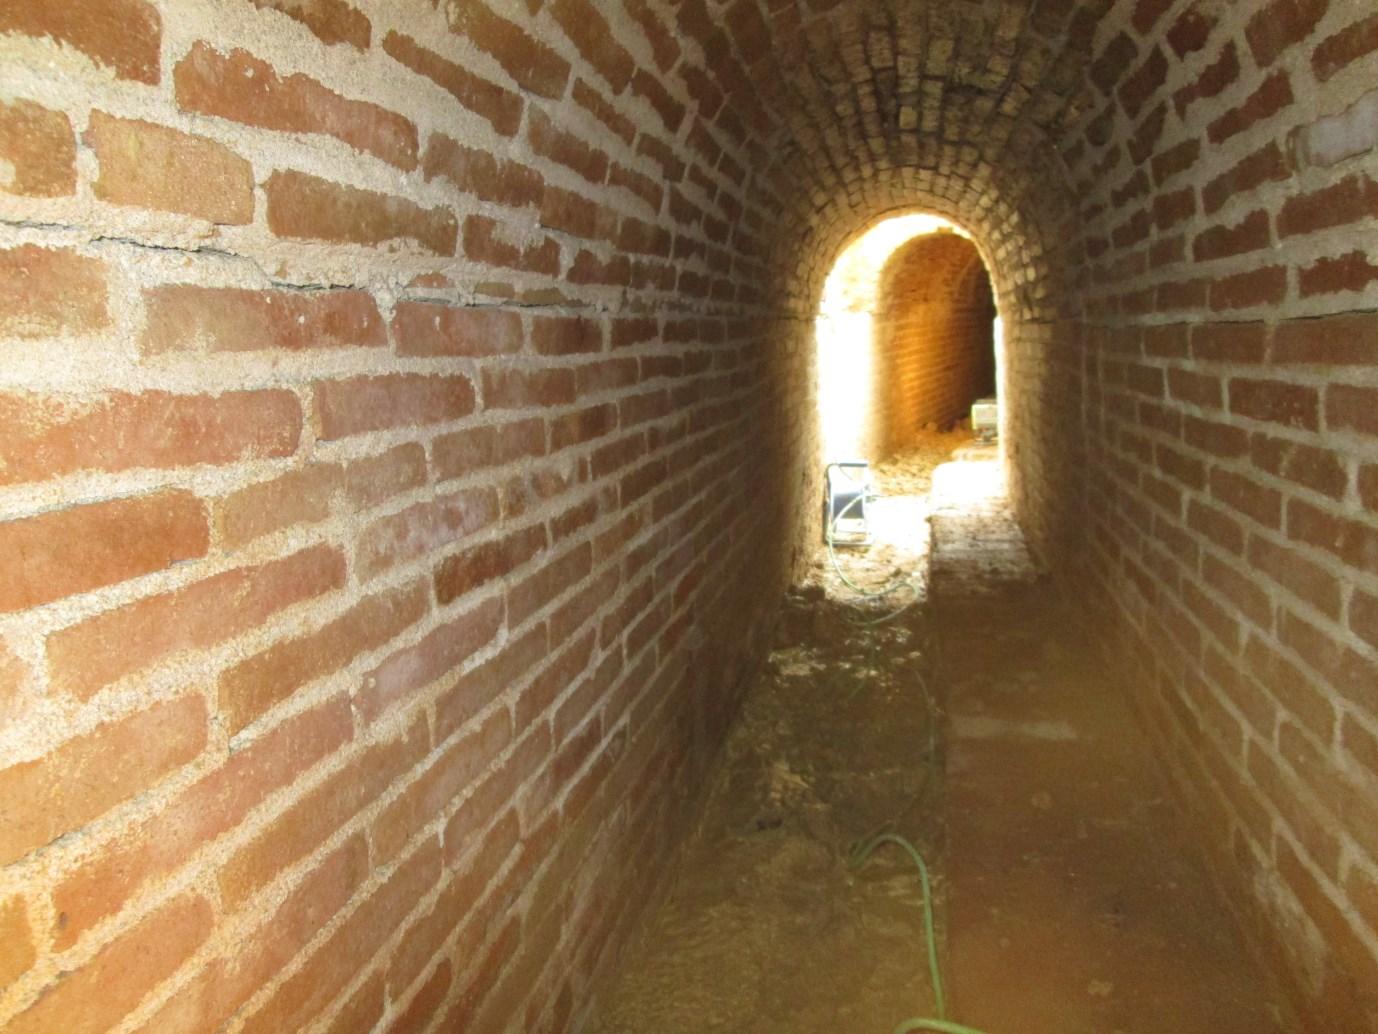 Interior de la mina d'aigua. Foto: Dídac Pàmies.